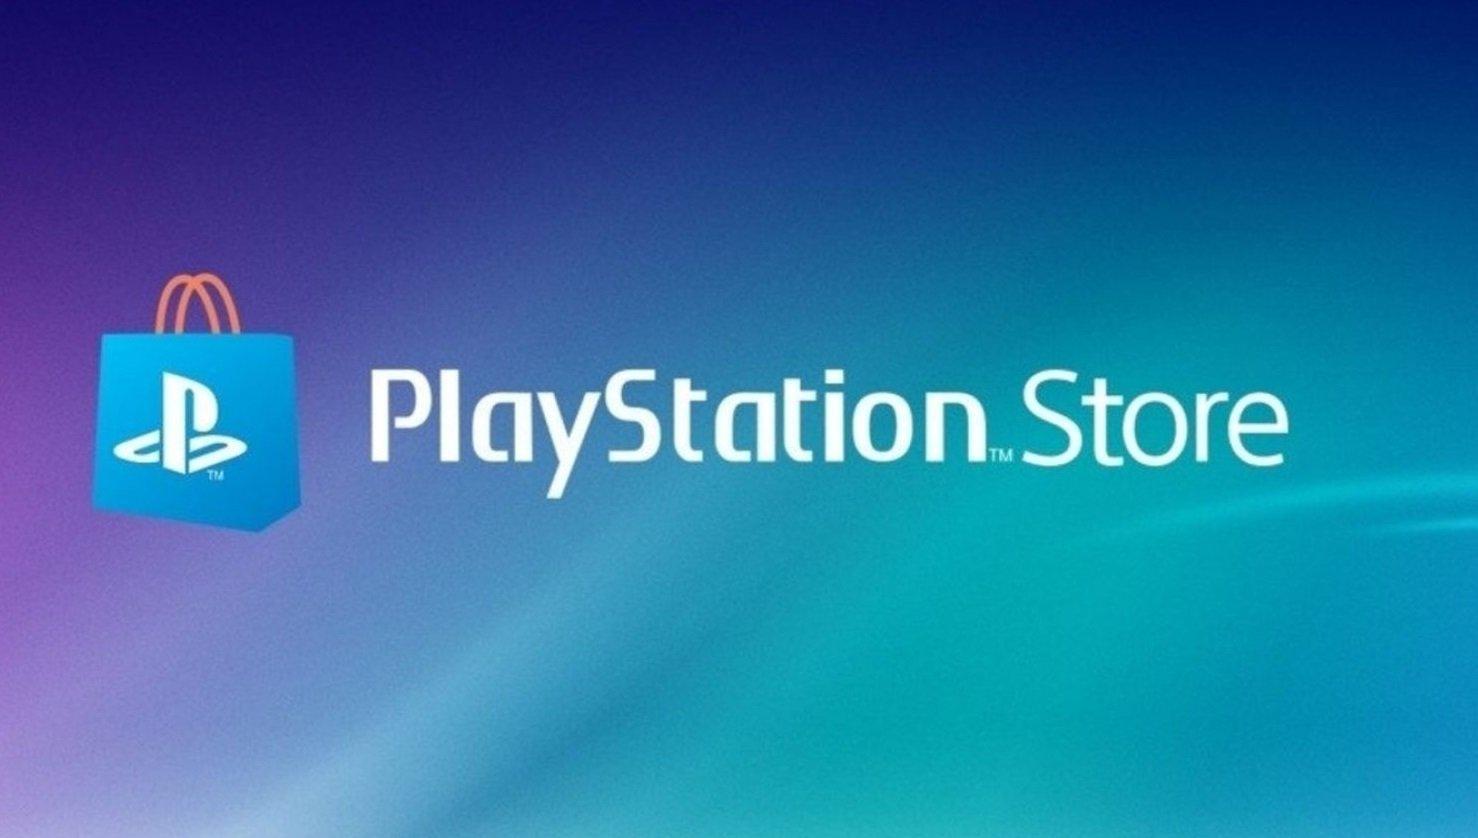 A NIS America confirma que cinco de seus mais populares jogos de romance visual sairão da PlayStation Store nos próximos meses.